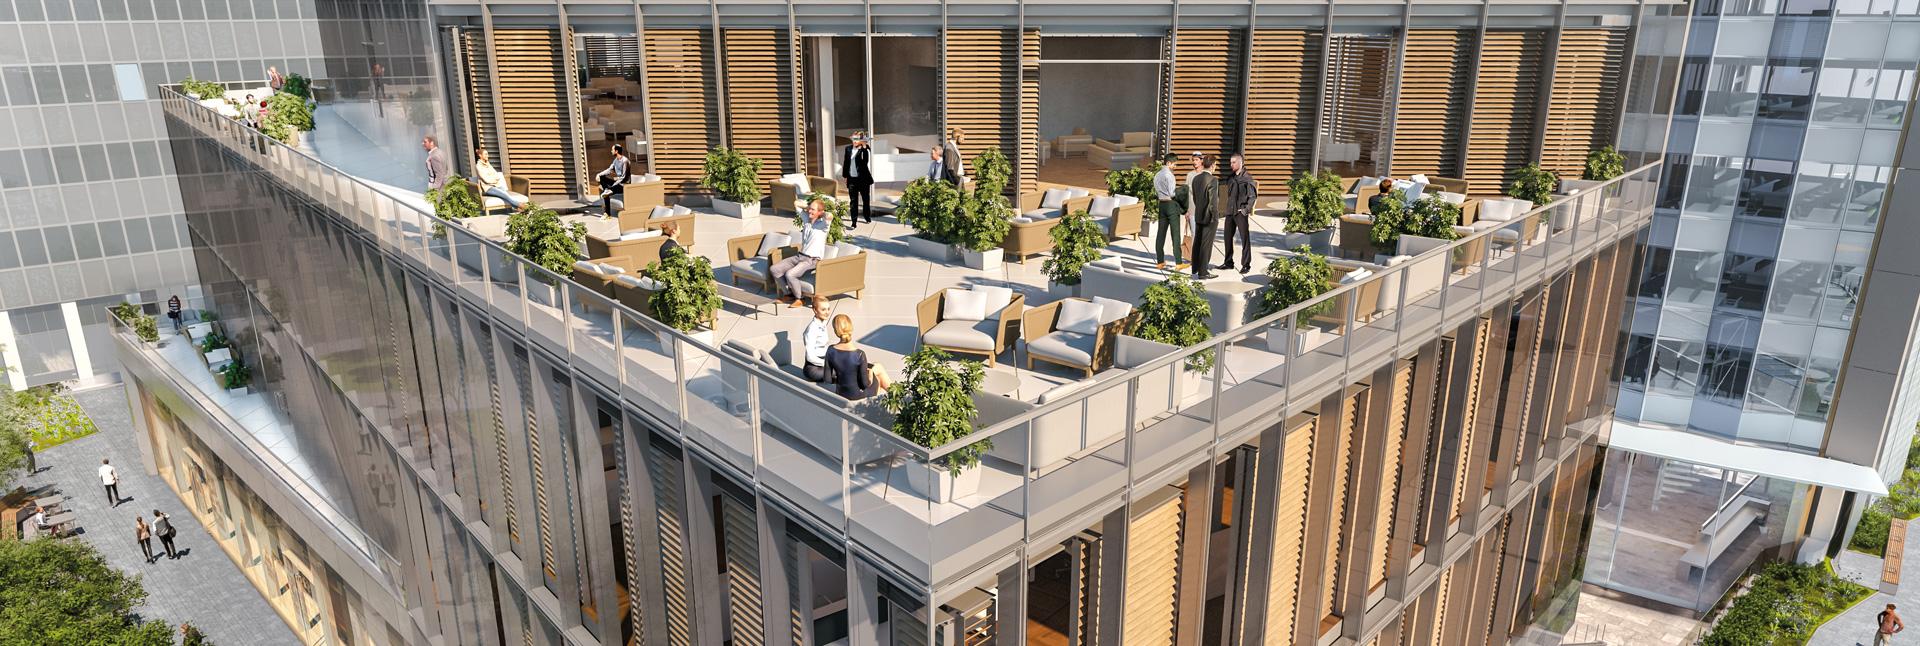 Architettura Sostenibile Architetti coima - l'architettura sostenibile riparte dal legno